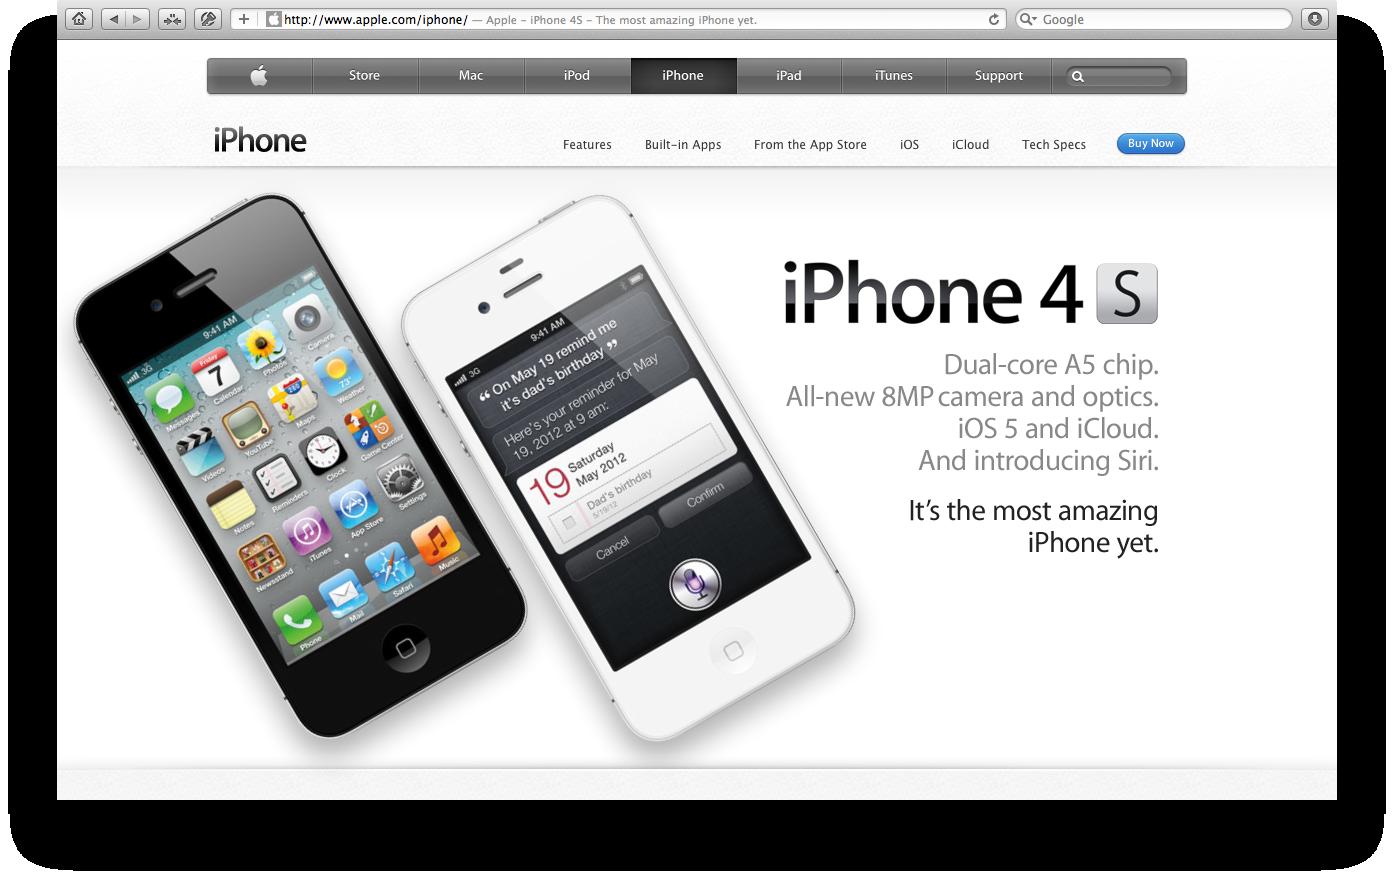 Página do iPhone 4S no Apple.com